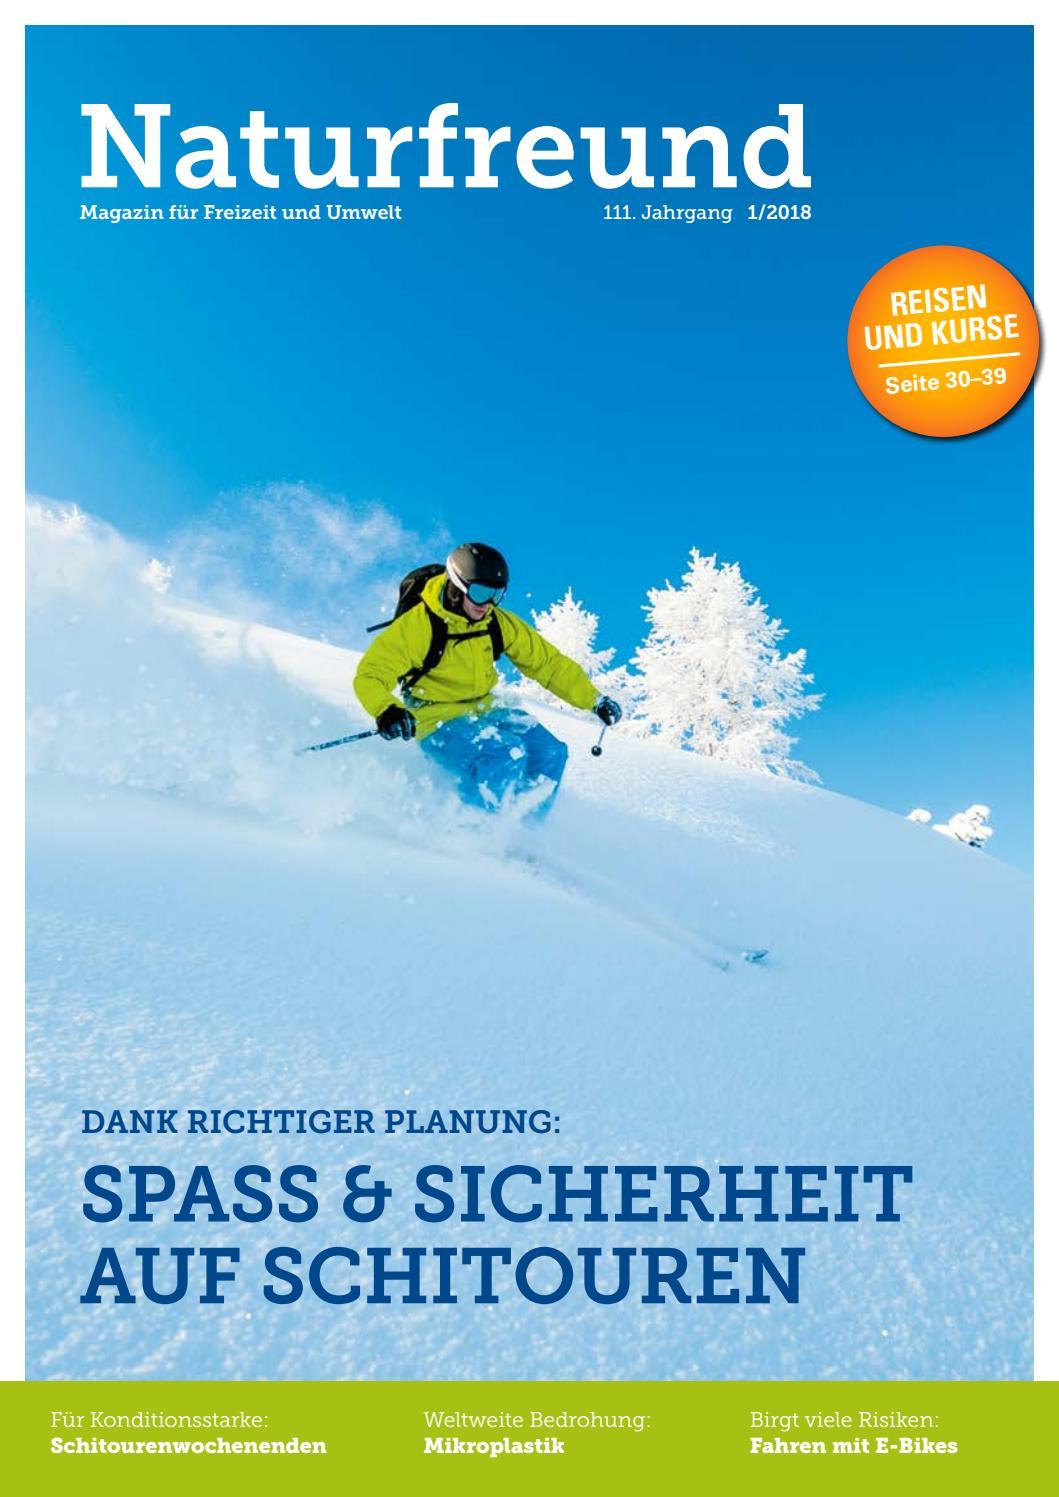 Briefmarken Europa Slovenia 2006 Olympic Games Winter Sports Skiing Ski 2v Mnh Zu Hohes Ansehen Zu Hause Und Im Ausland GenießEn